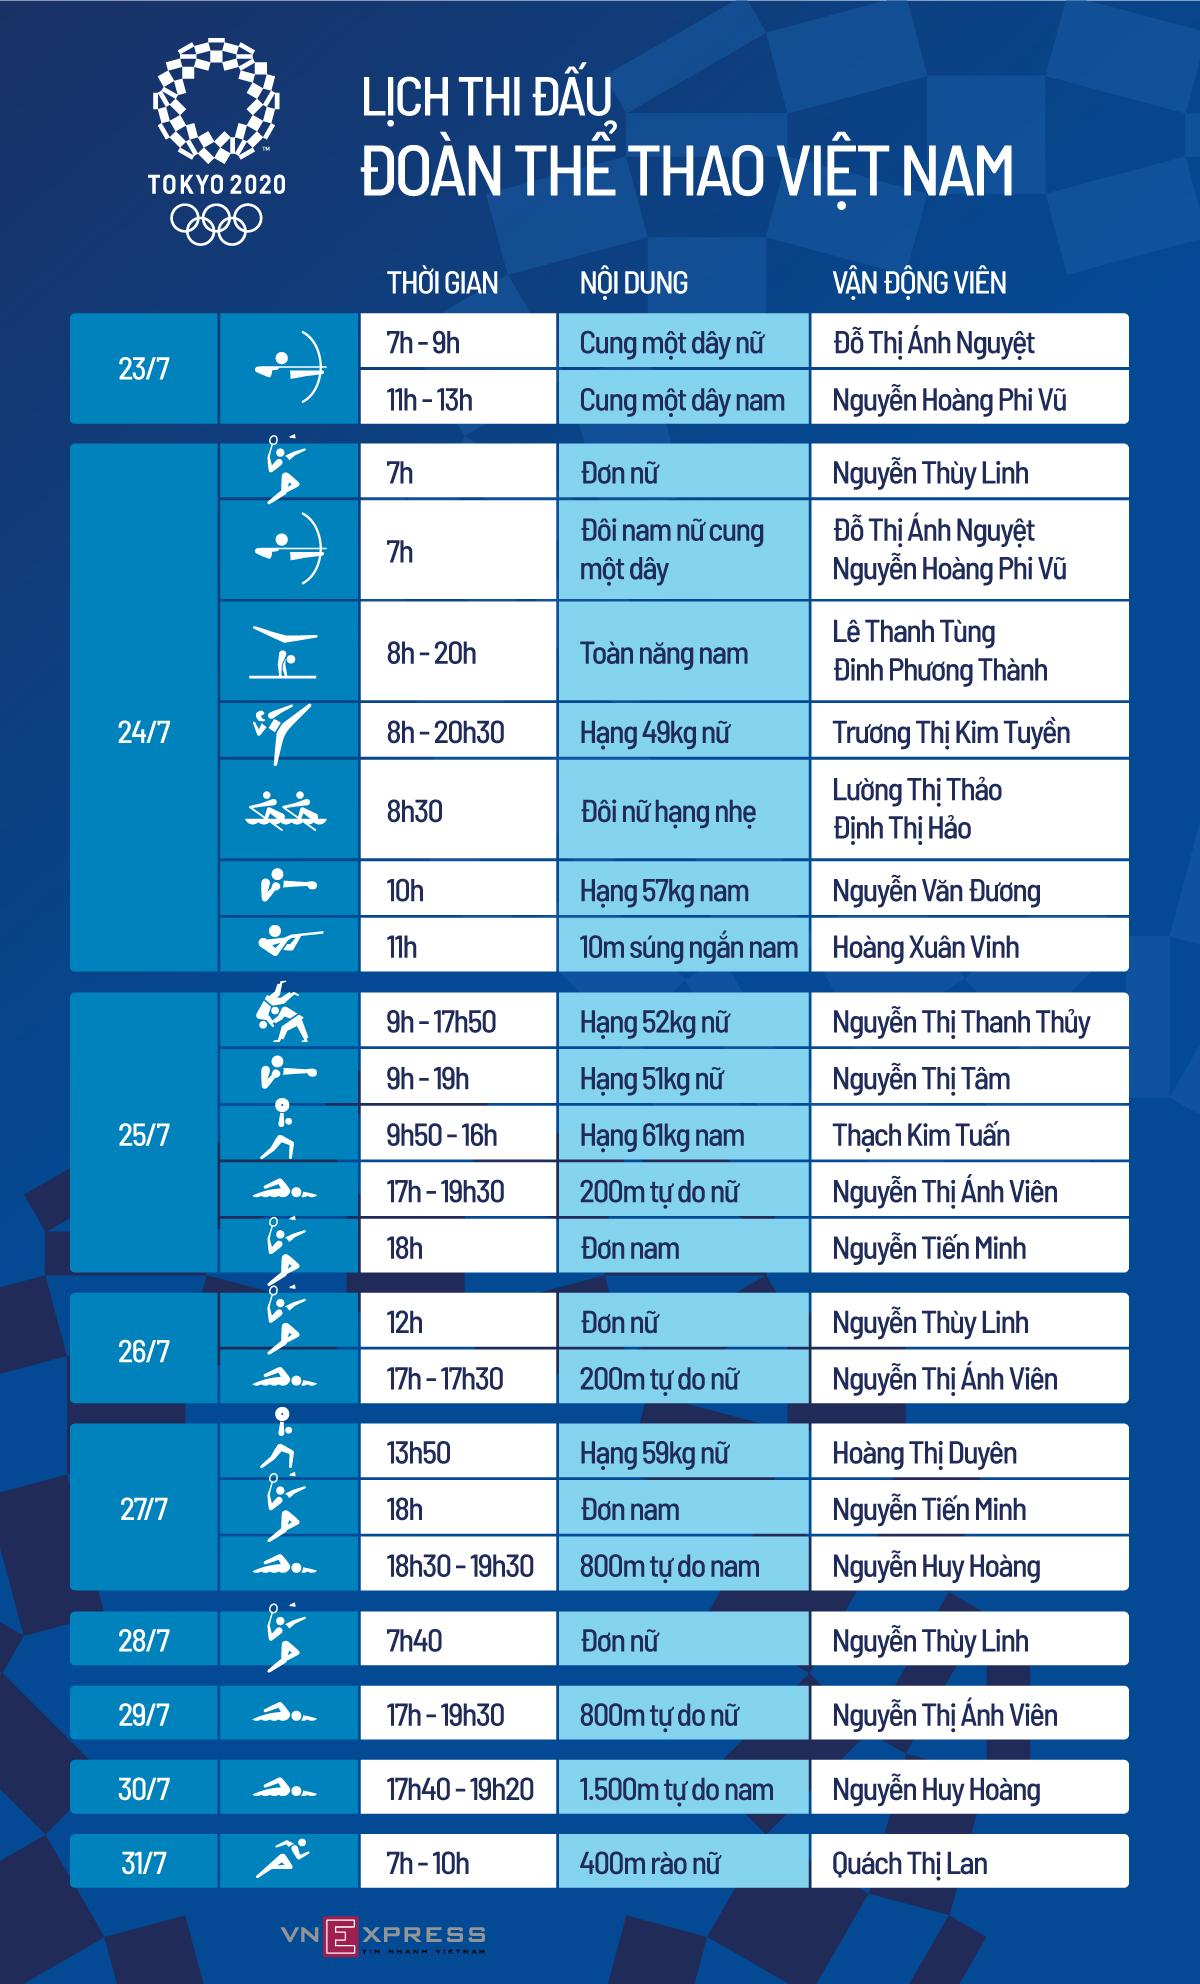 Việt Nam được dự đoán đoạt hai huy chương Olympic - 1